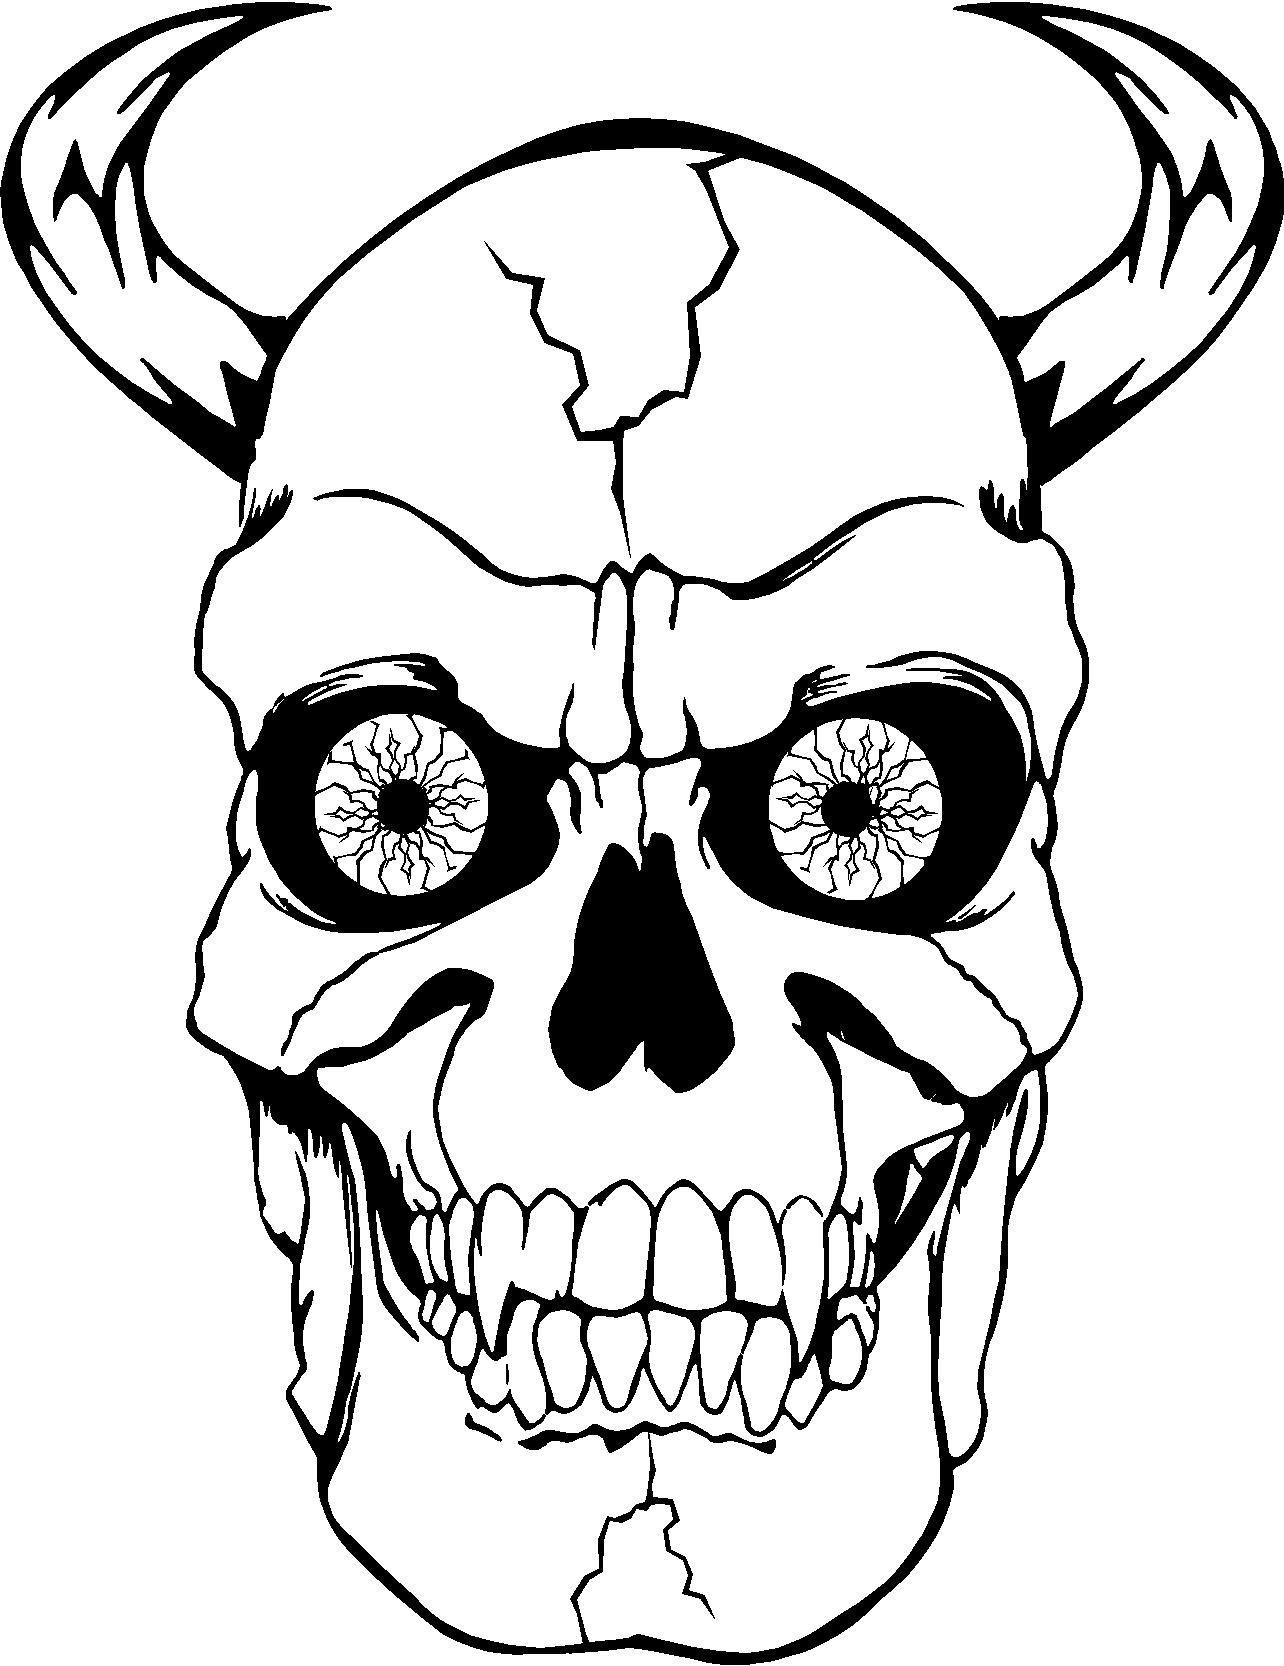 Totenkopf Ausmalbilder Malvorlagen | My blog